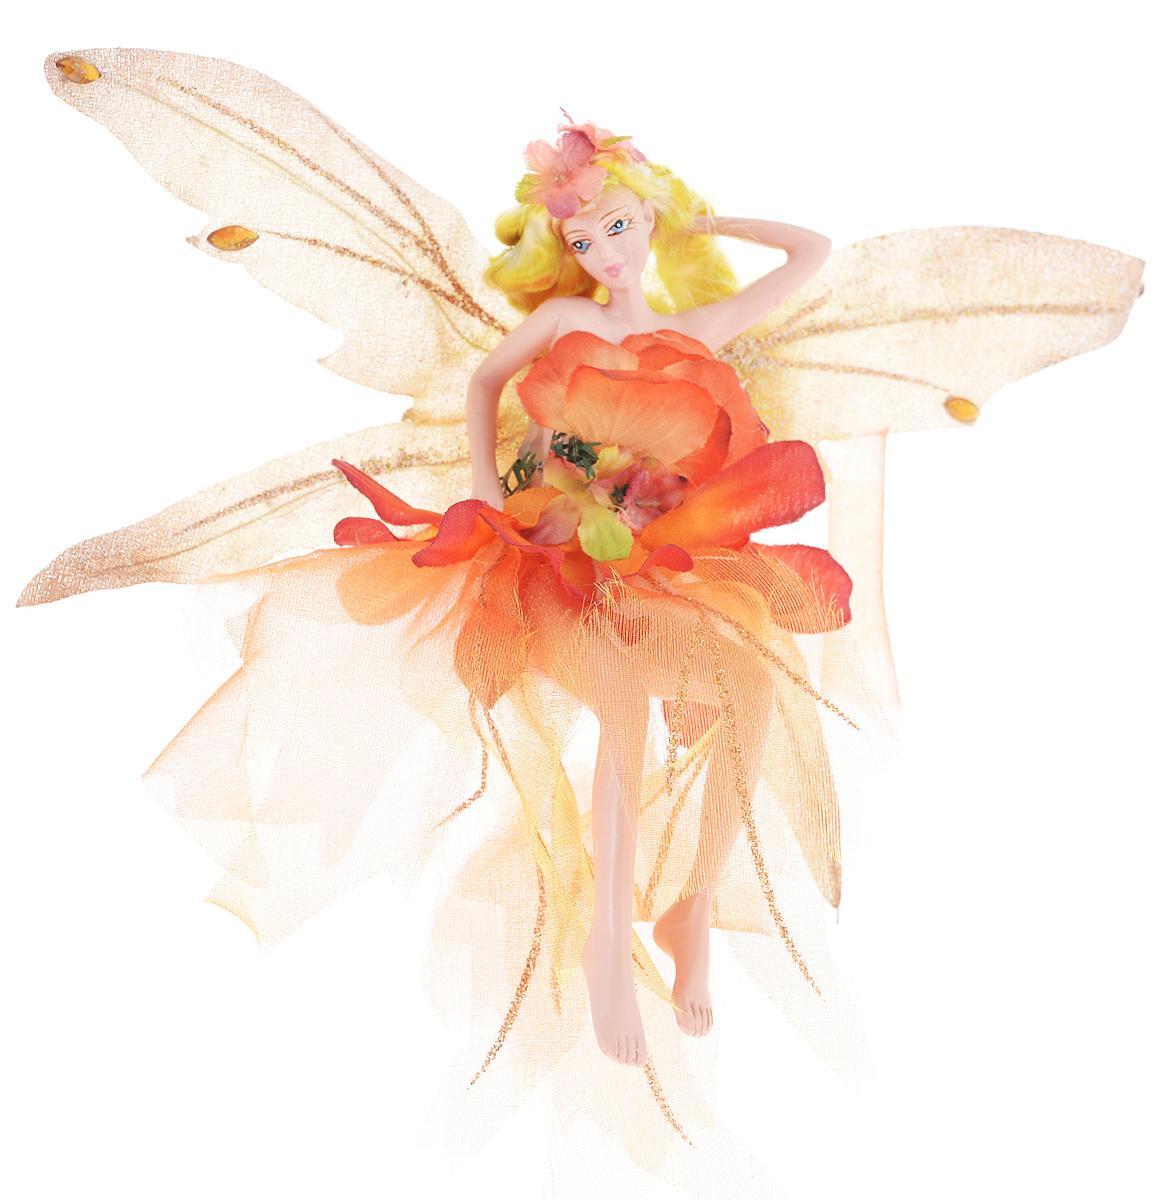 Новогоднее подвесное украшение Erich Krause Фея ярких бегоний38517Новогоднее подвесное украшение Erich Krause Фея ярких бегоний можно повесить на елку или украсить им интерьер. Изделие выполнено из полирезины в виде прекрасной феи с блестящими крылышками, украшенными желтыми стразами. Фея одета в пышное платьице, длинные светлые волосы украшают цветы. Елочная игрушка - символ Нового года. Она несет в себе волшебство и красоту праздника. Создайте в своем доме атмосферу веселья и радости, украшая всей семьей новогоднюю елку нарядными игрушками, которые будут из года в год накапливать теплоту воспоминаний.